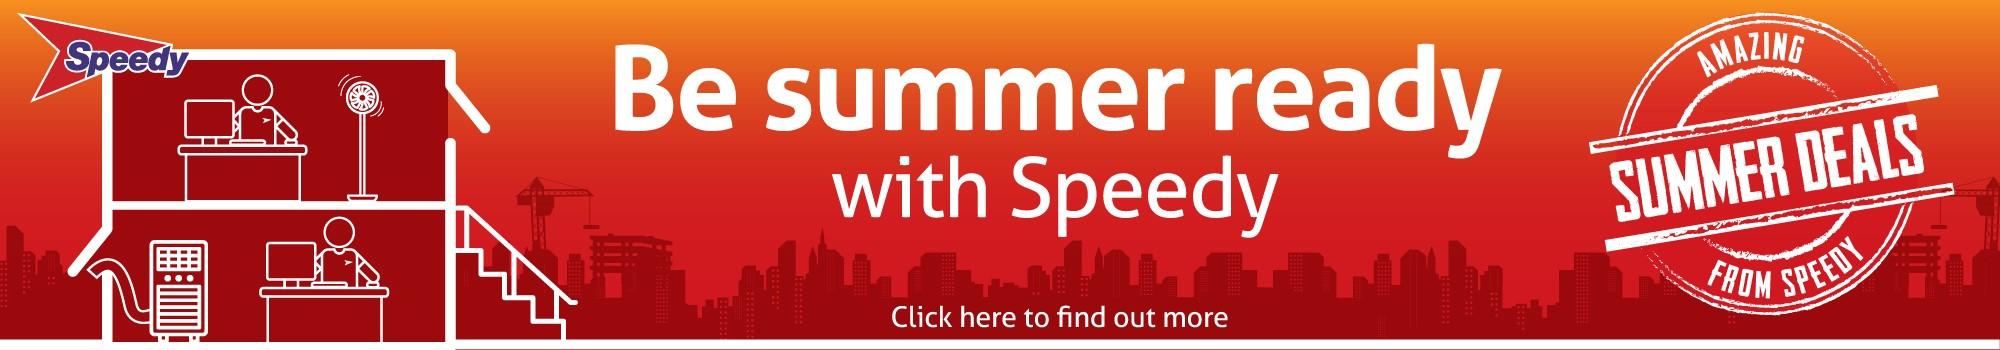 summer homepage banner.jpg